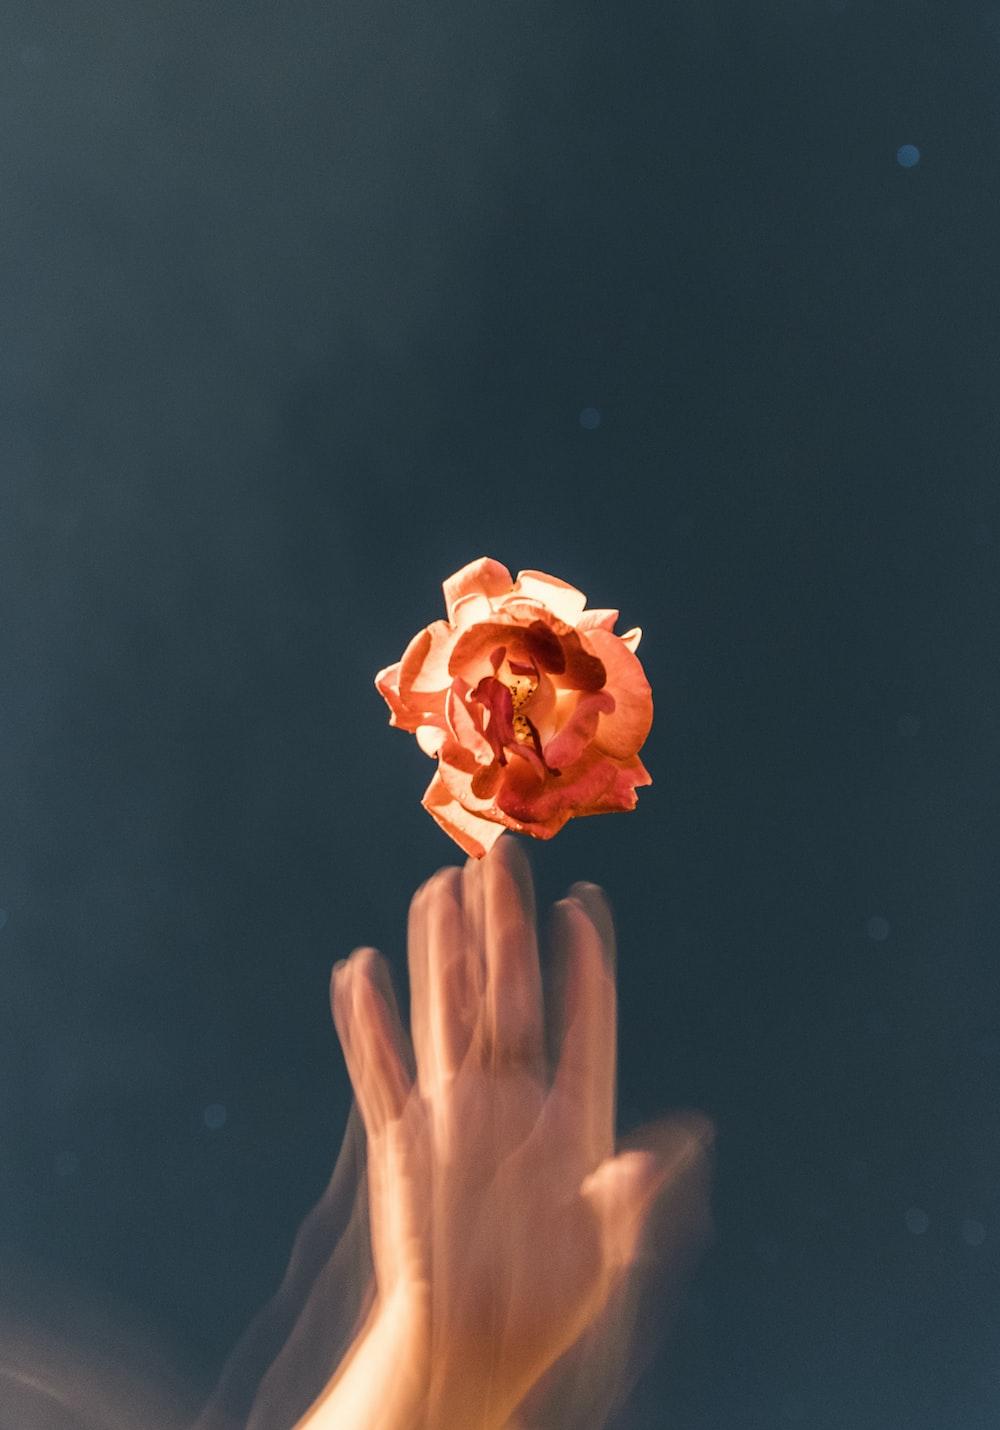 person throwing orange rose flower